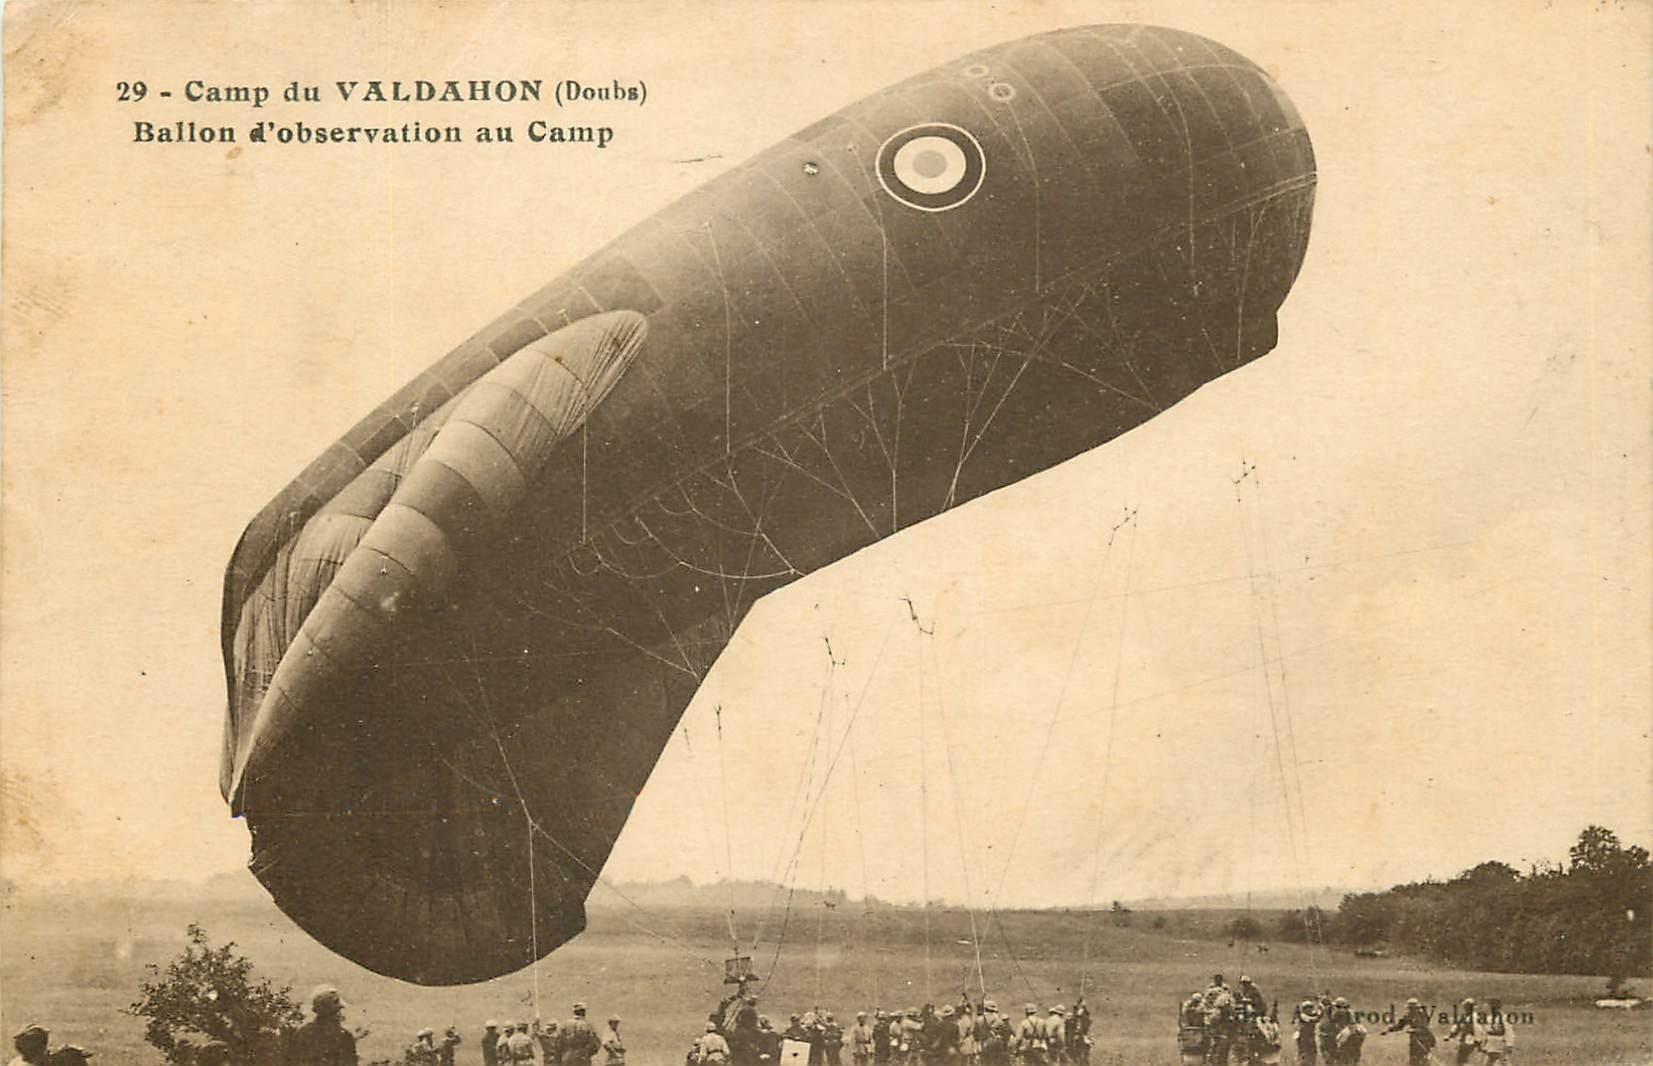 WW 25 CAMP DE VALDAHON. Ballon d'observation 1927 aérostat militaire